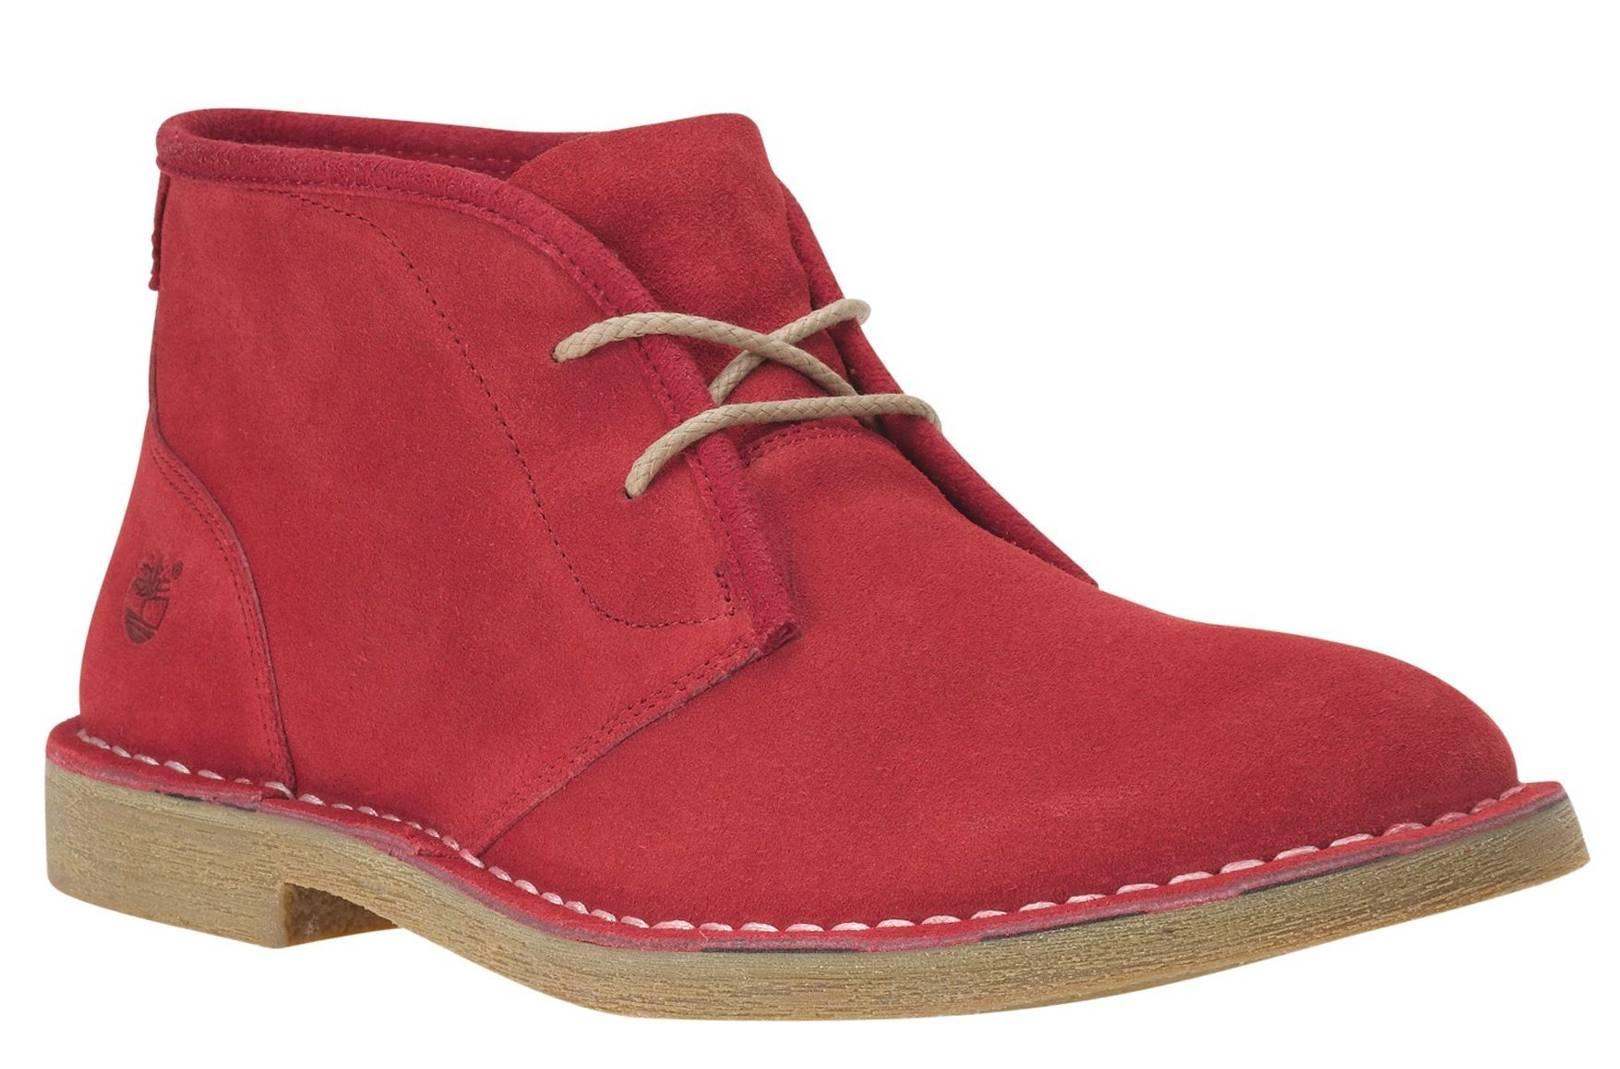 6300a39b1f9d 7 of the best desert boots for summer